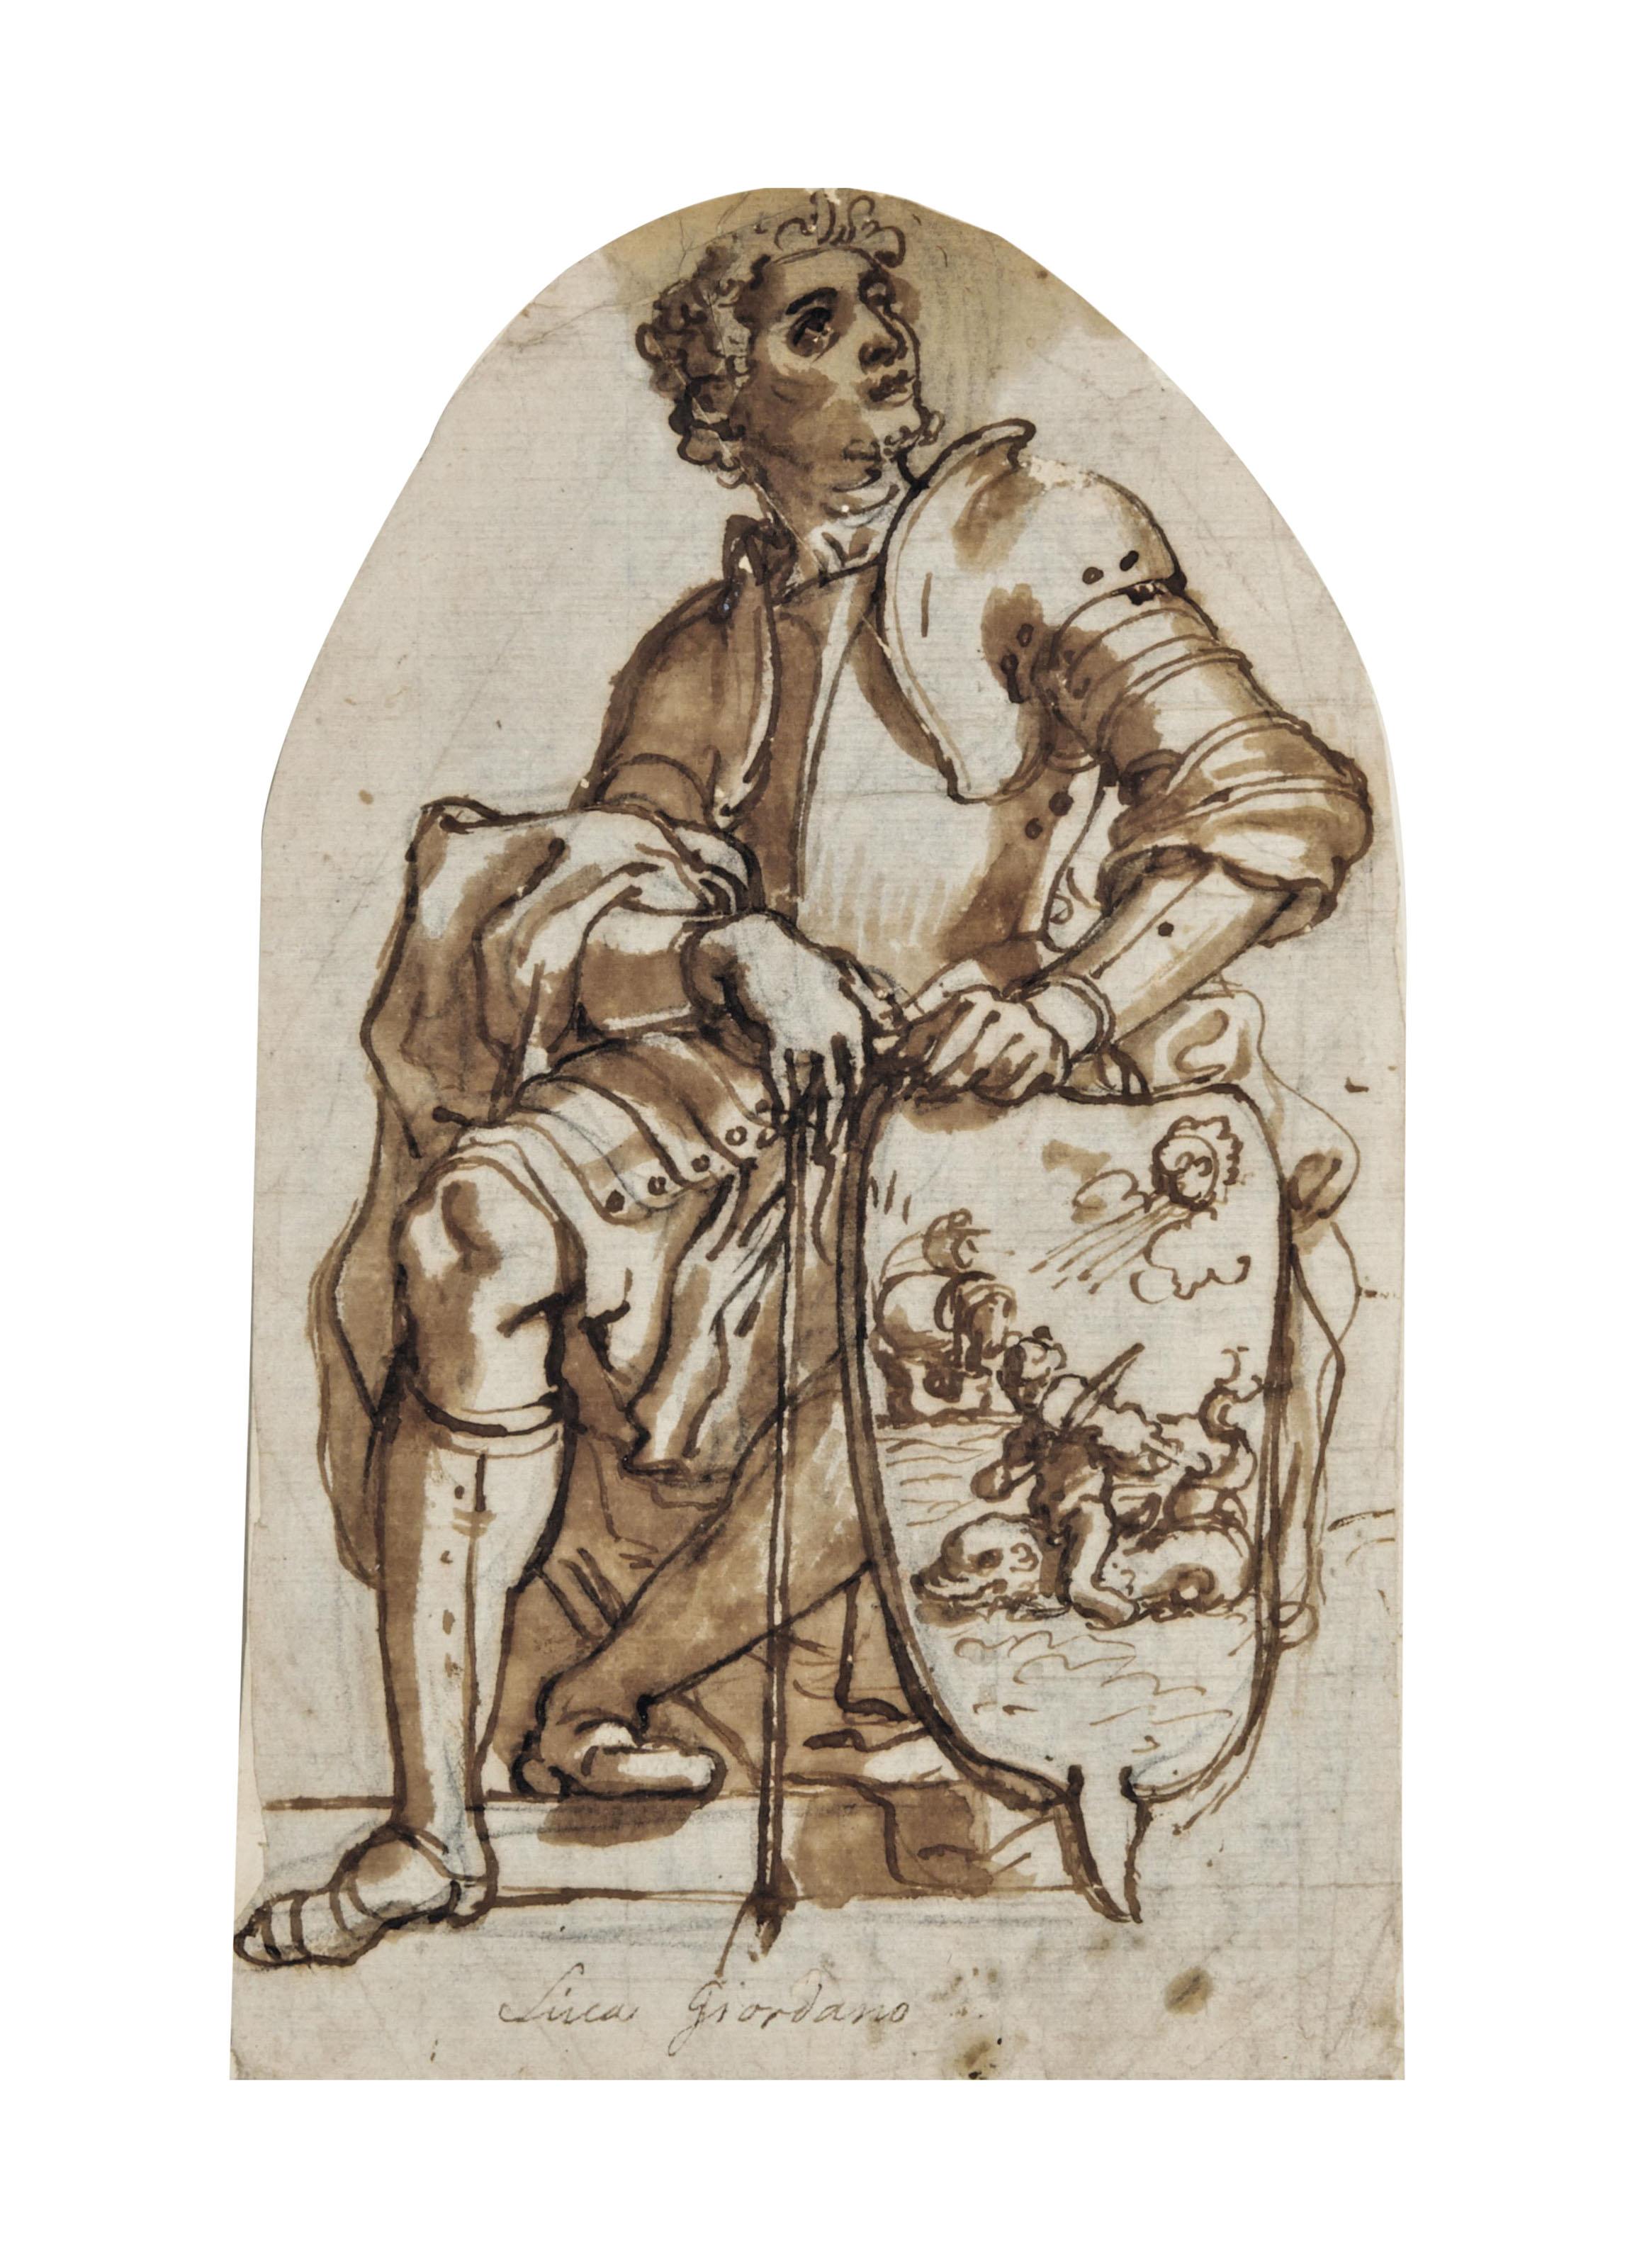 Guerrier en armure assis tenant un écu représentant l'allégorie de l'âme fortunée